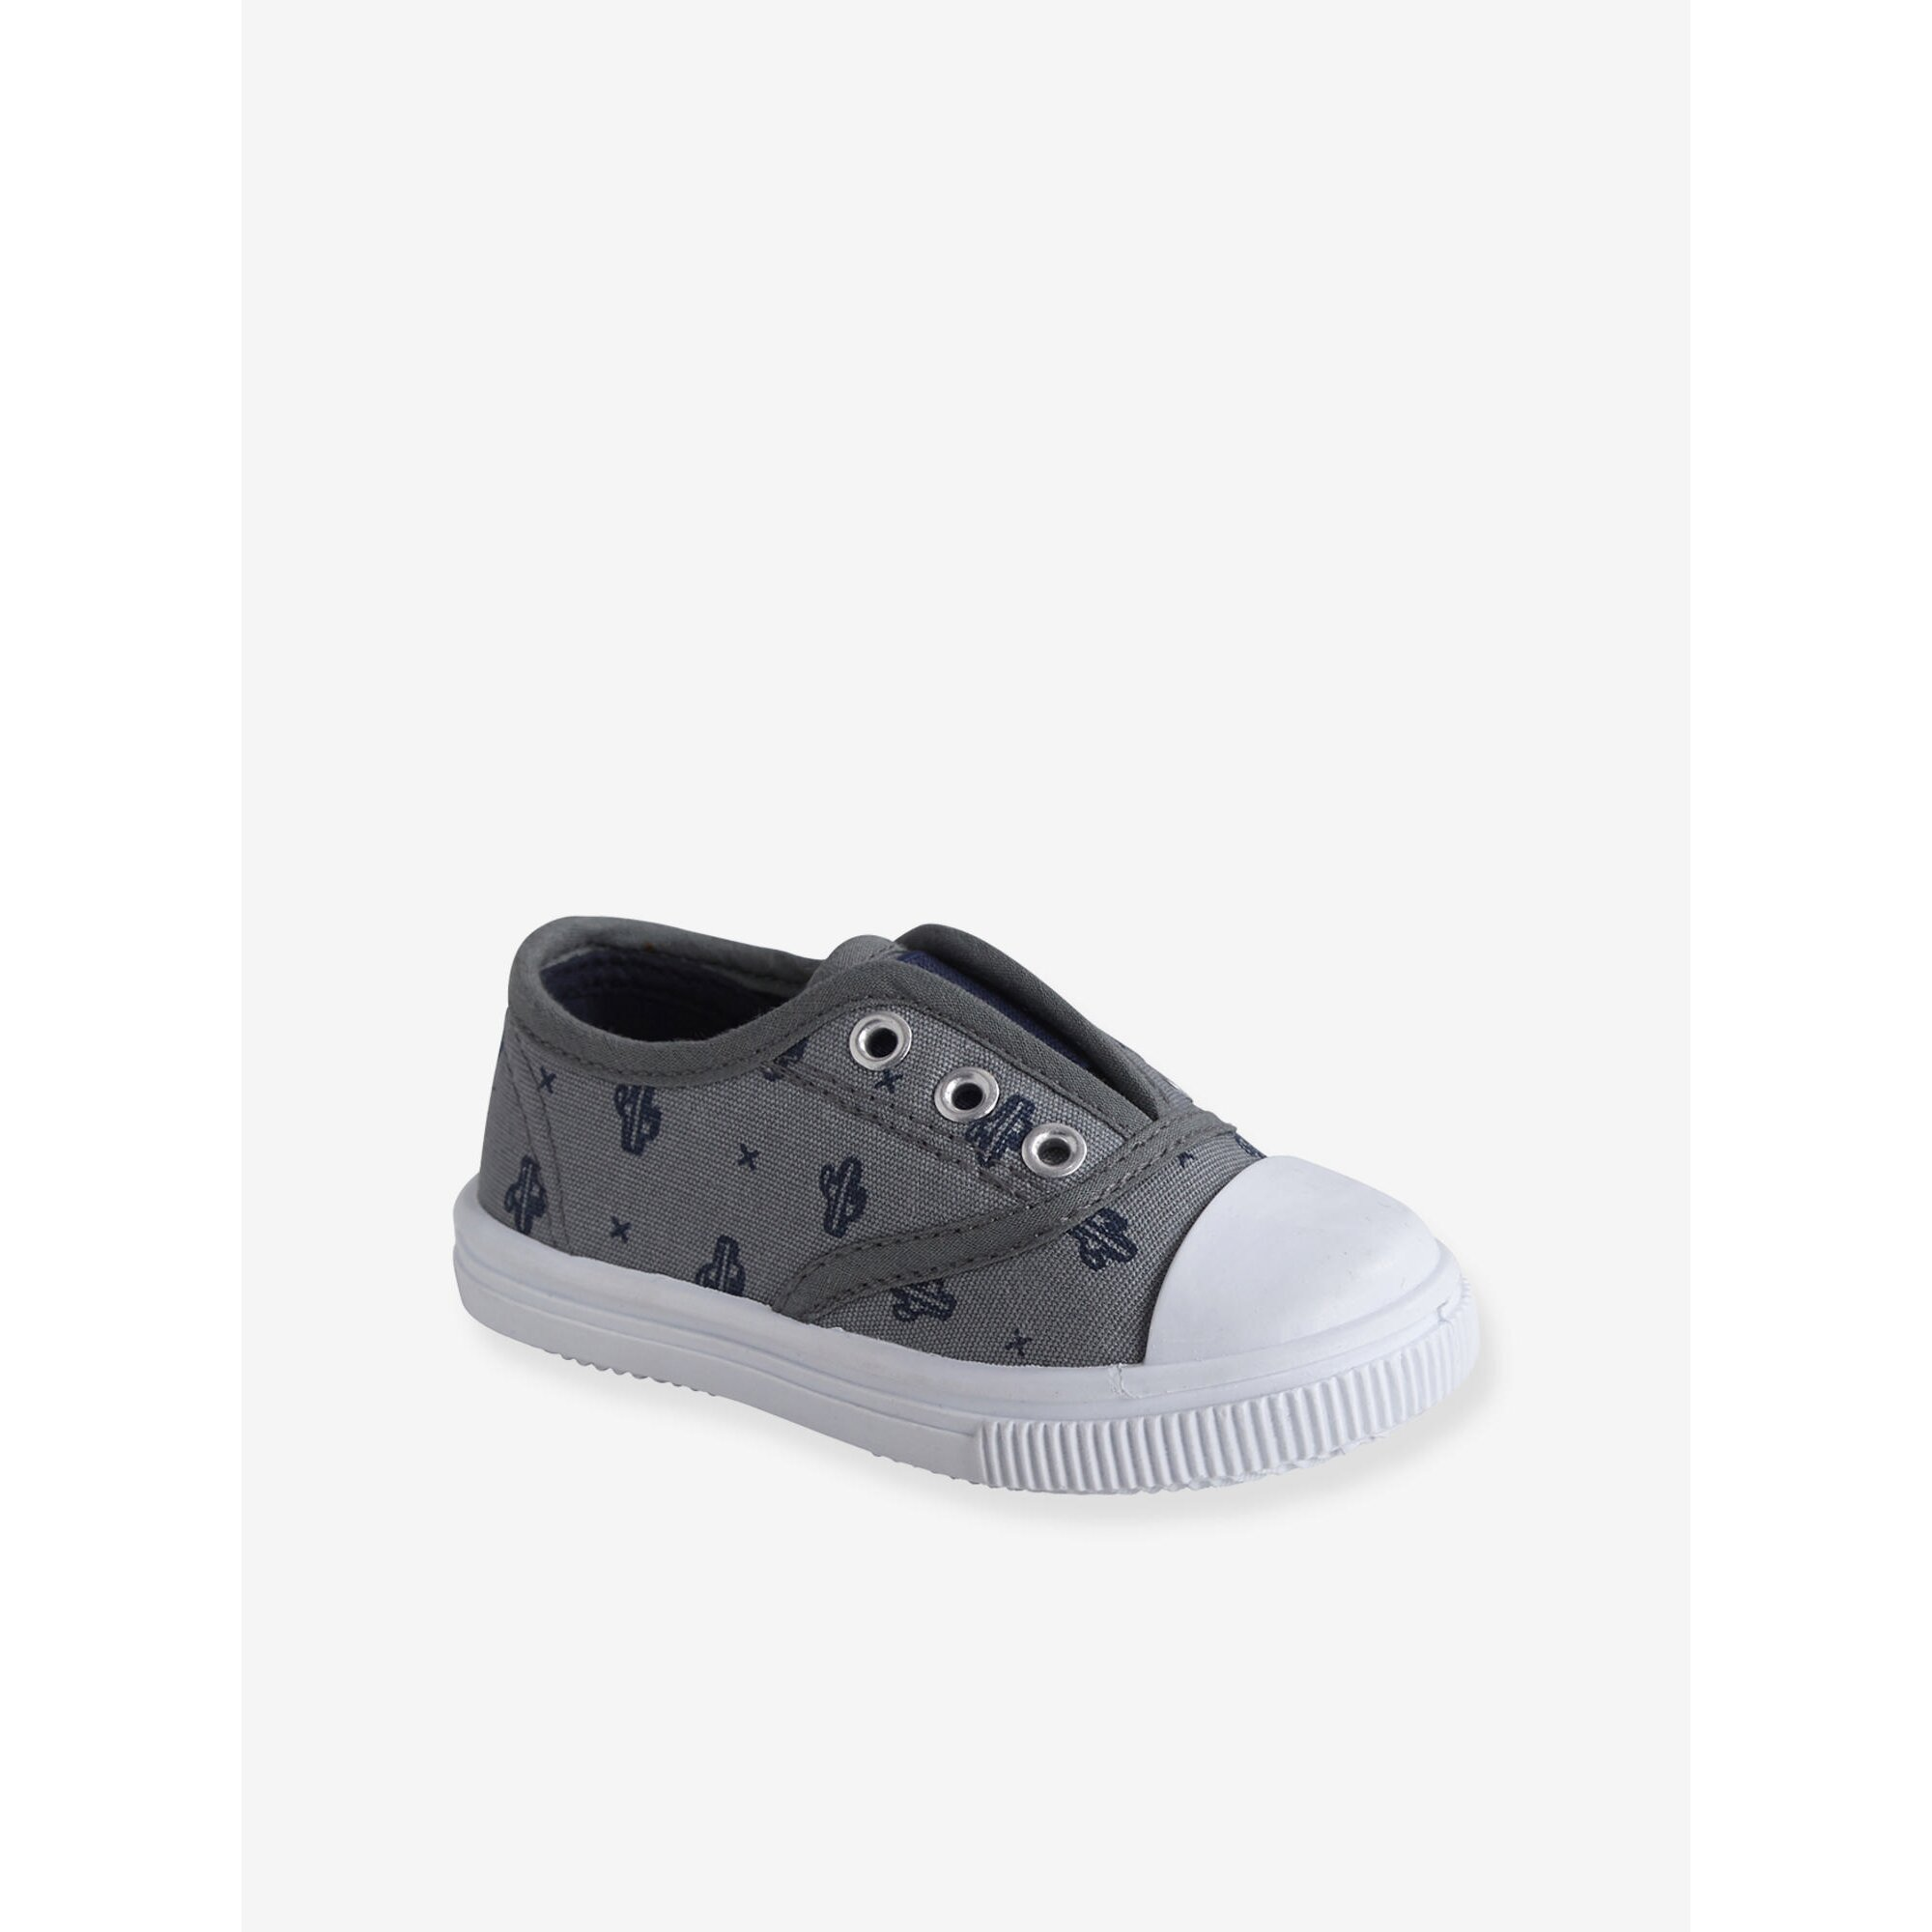 Vertbaudet Sneakers für Jungen, Stoff